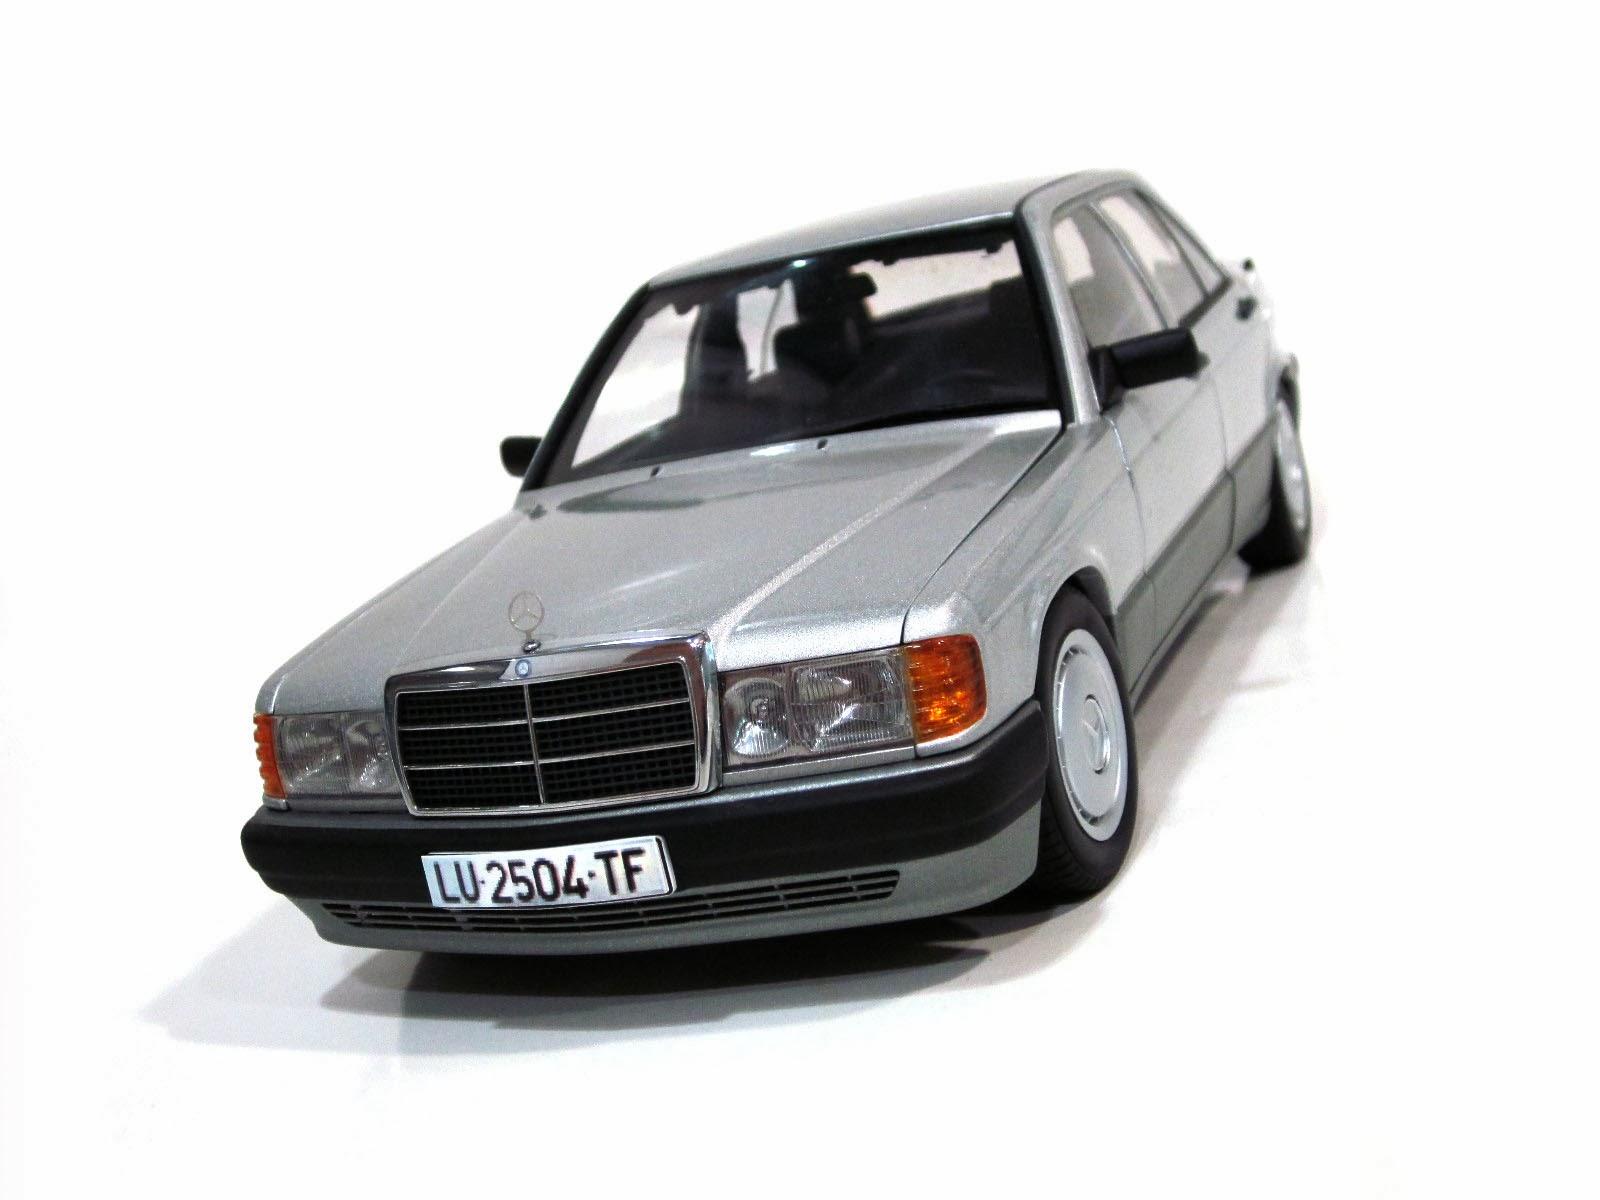 Mercedes-Benz 190 E 2.0 W201 '88 - AUTOart